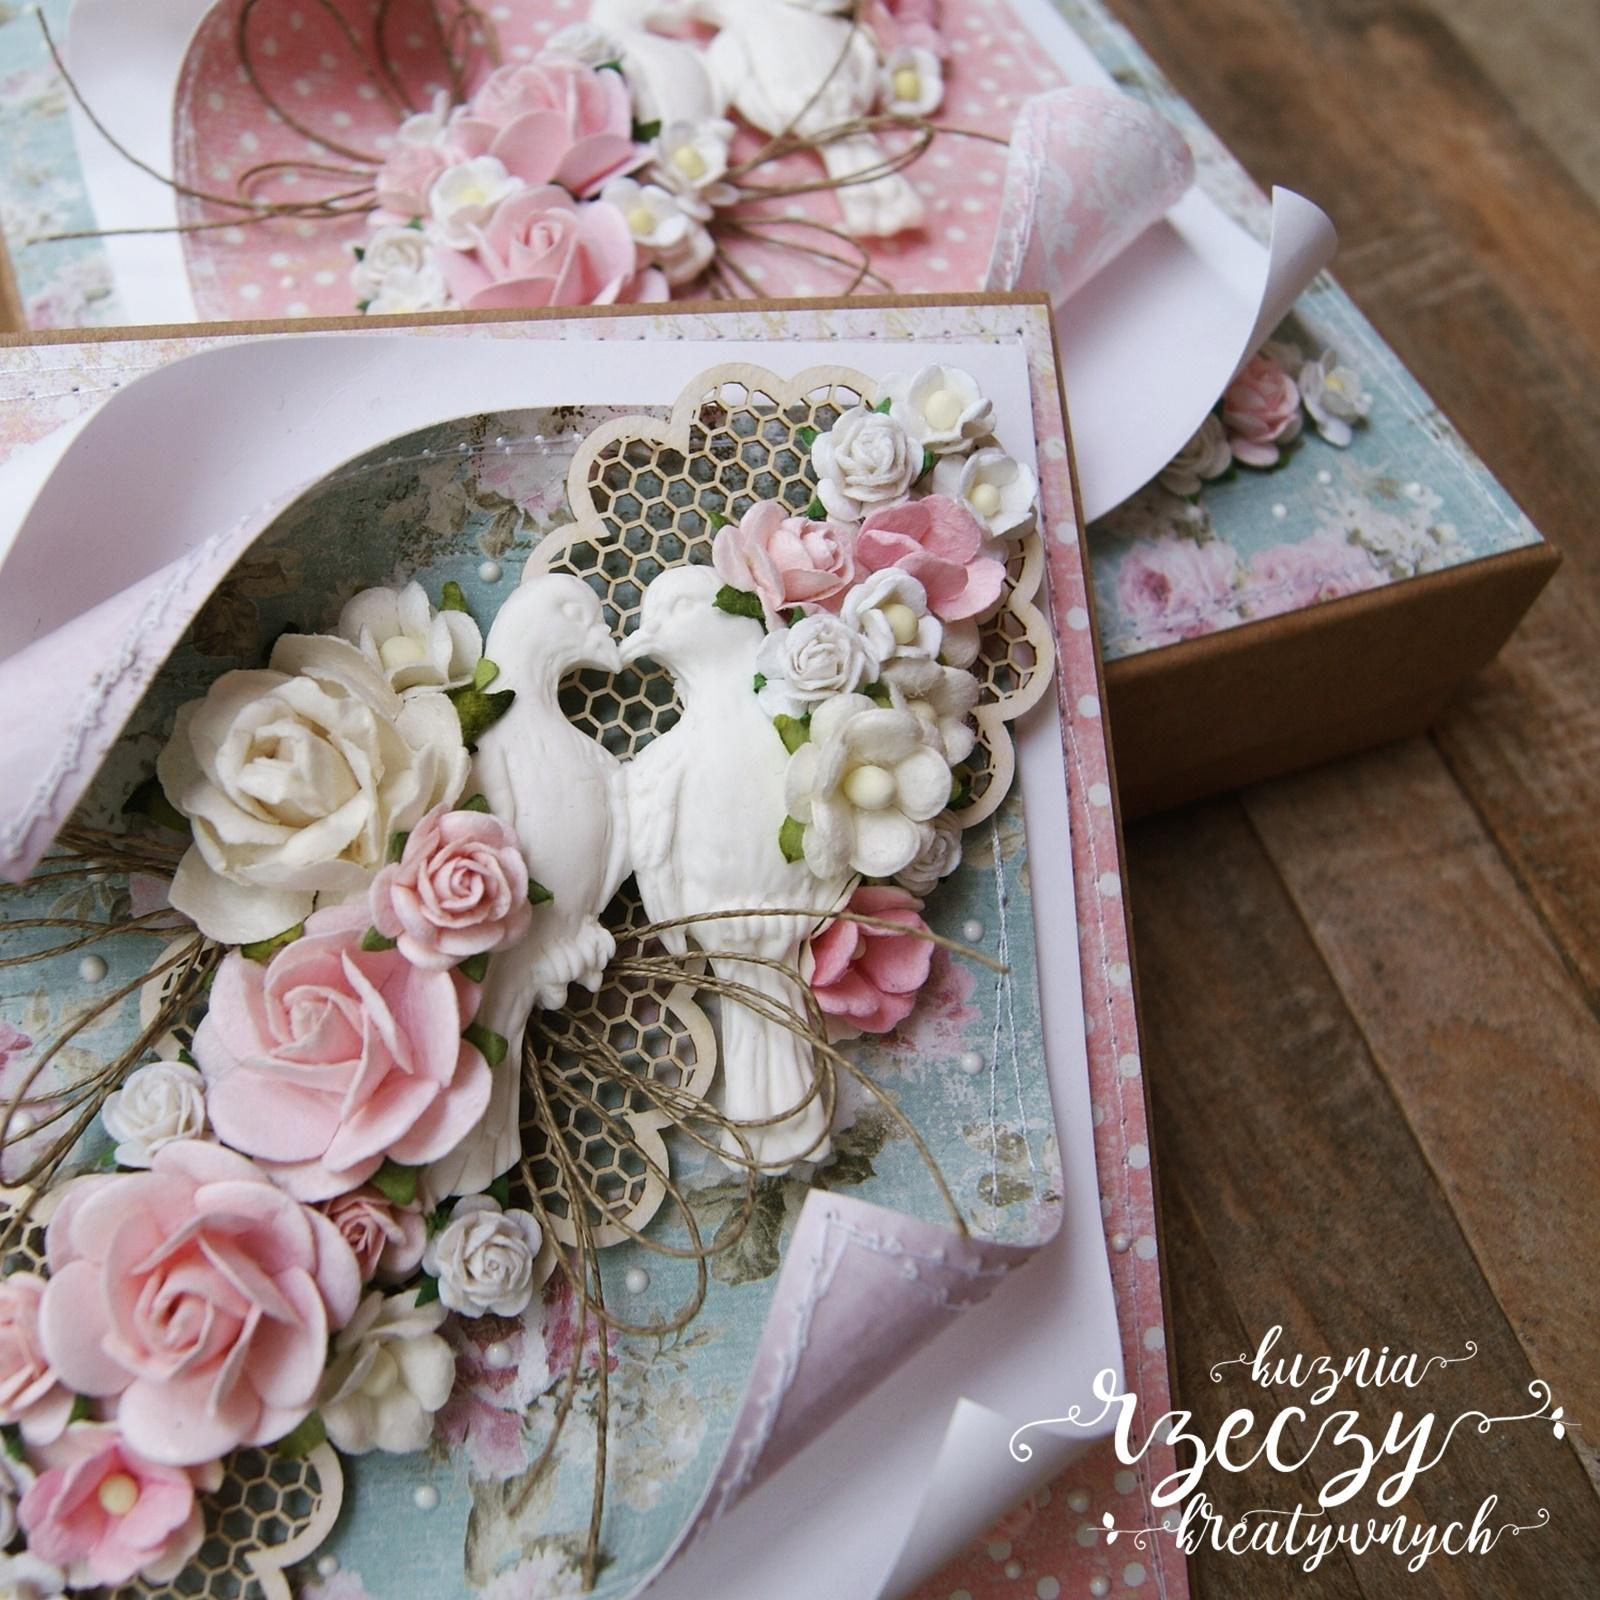 Zestaw ślubny: kartka i pudełko. I kartka i pudełko udekorowane w spójnym stylu w oparciu o pastelową kolorystykę i mnóstwo kwiatów.